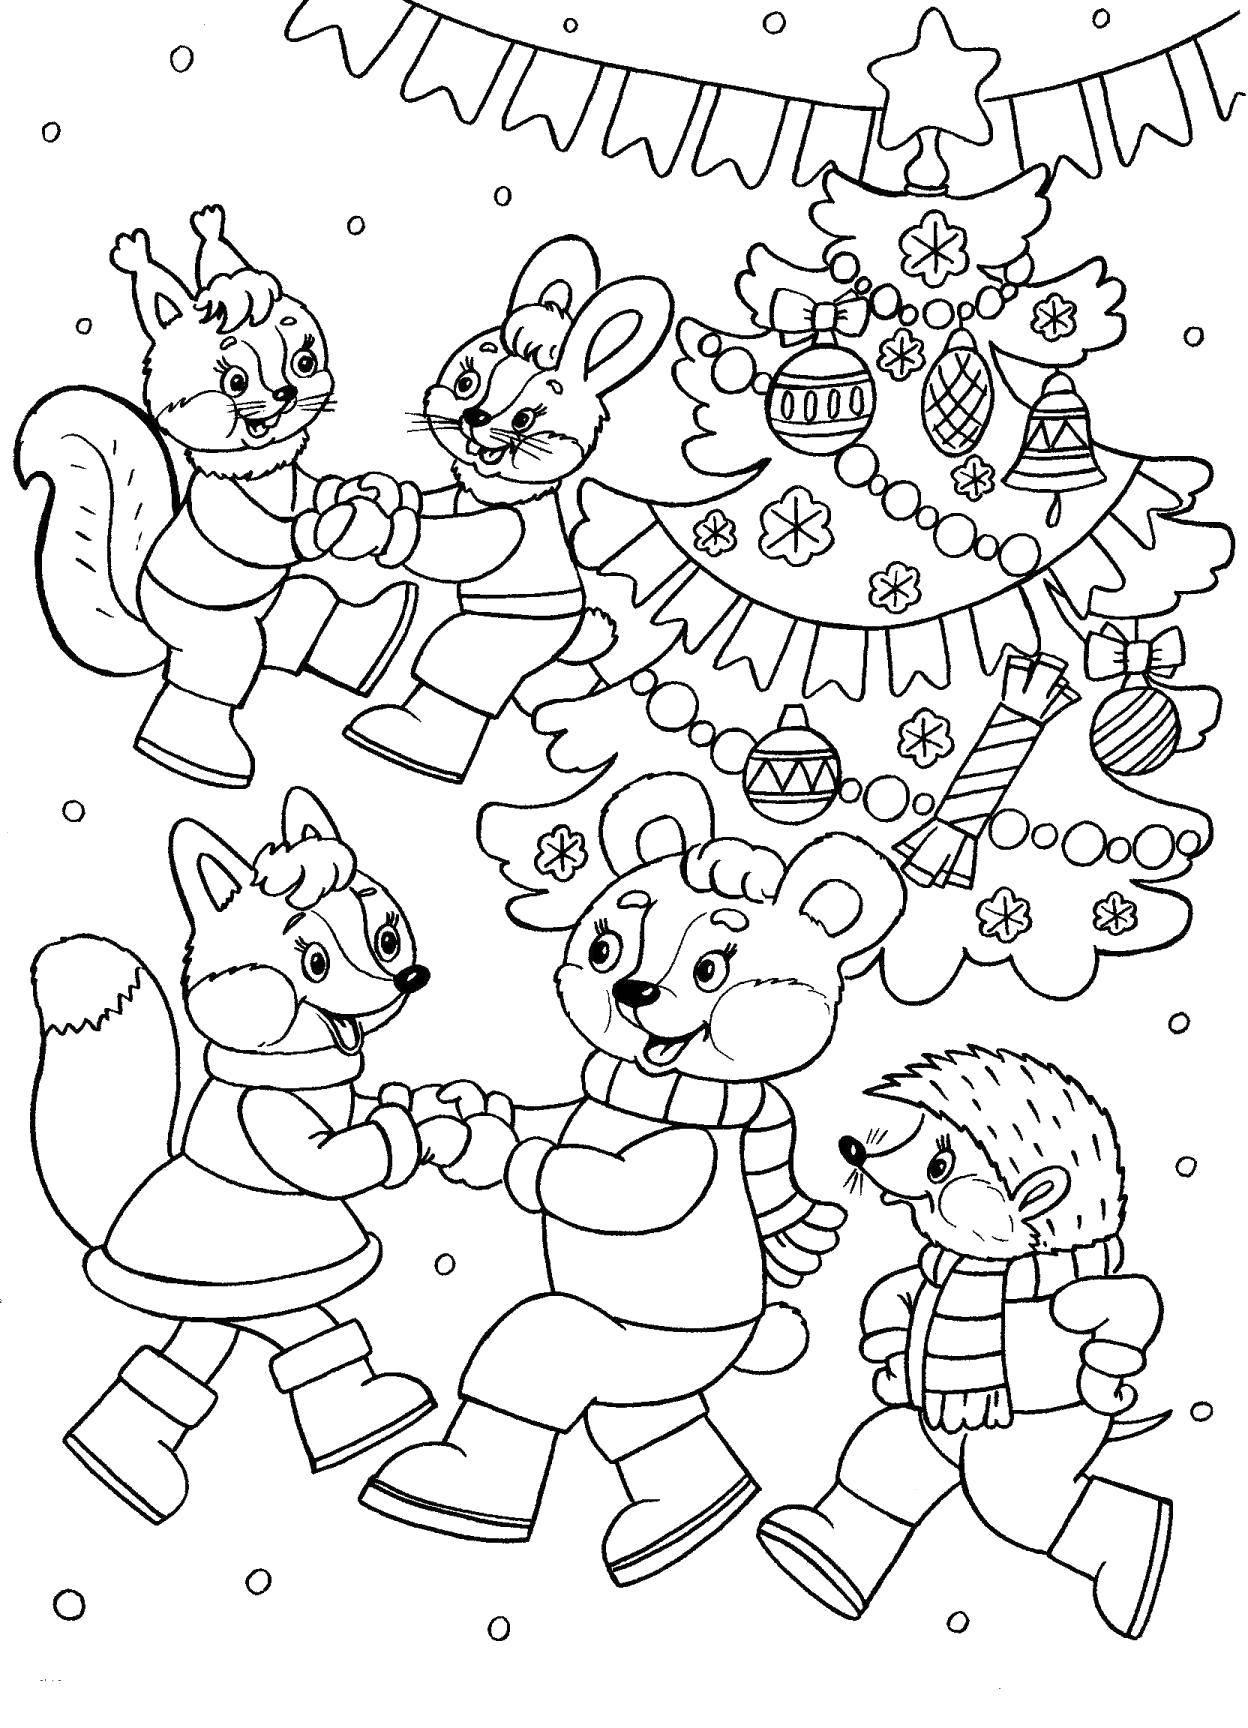 Раскраска Новогодний карнавал животных Скачать Новый Год, подарки, праздник, карнавал, ёлка.  Распечатать ,новый год,